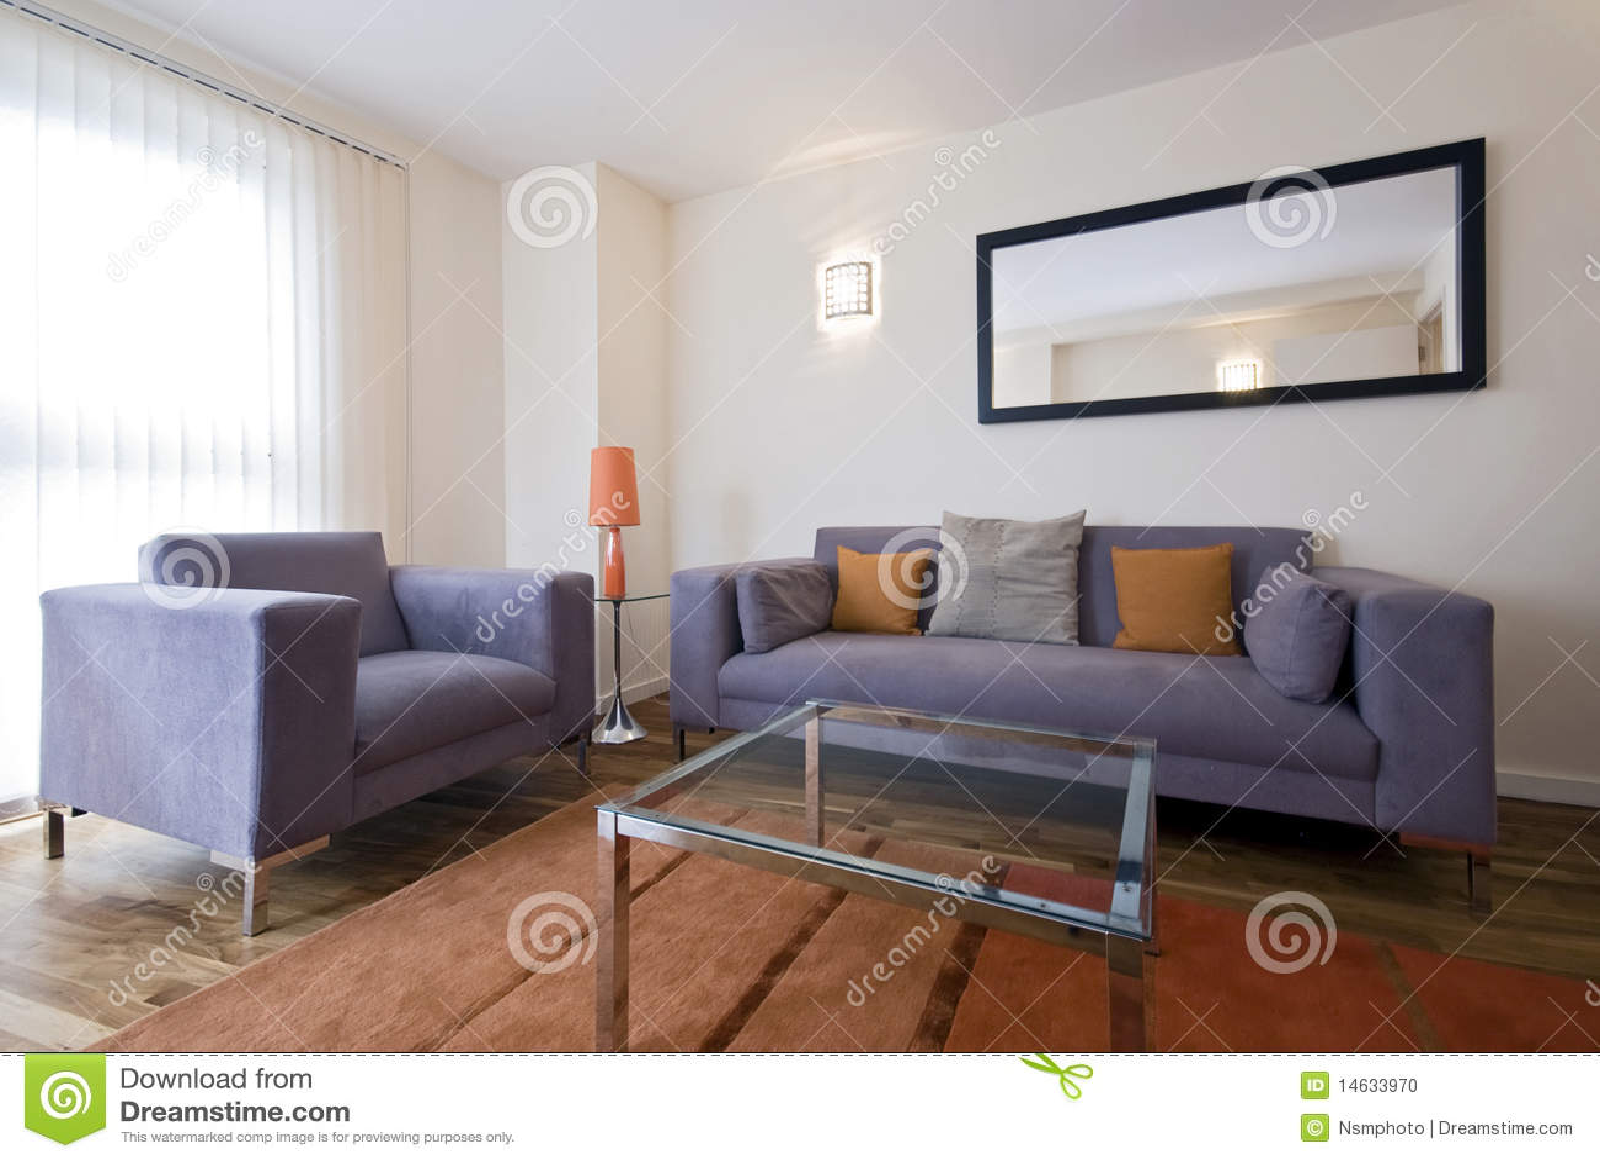 Modernes Wohnzimmer Mit Grauem Sofa Stockfoto - Bild von lampe, schwarzes: 14633970